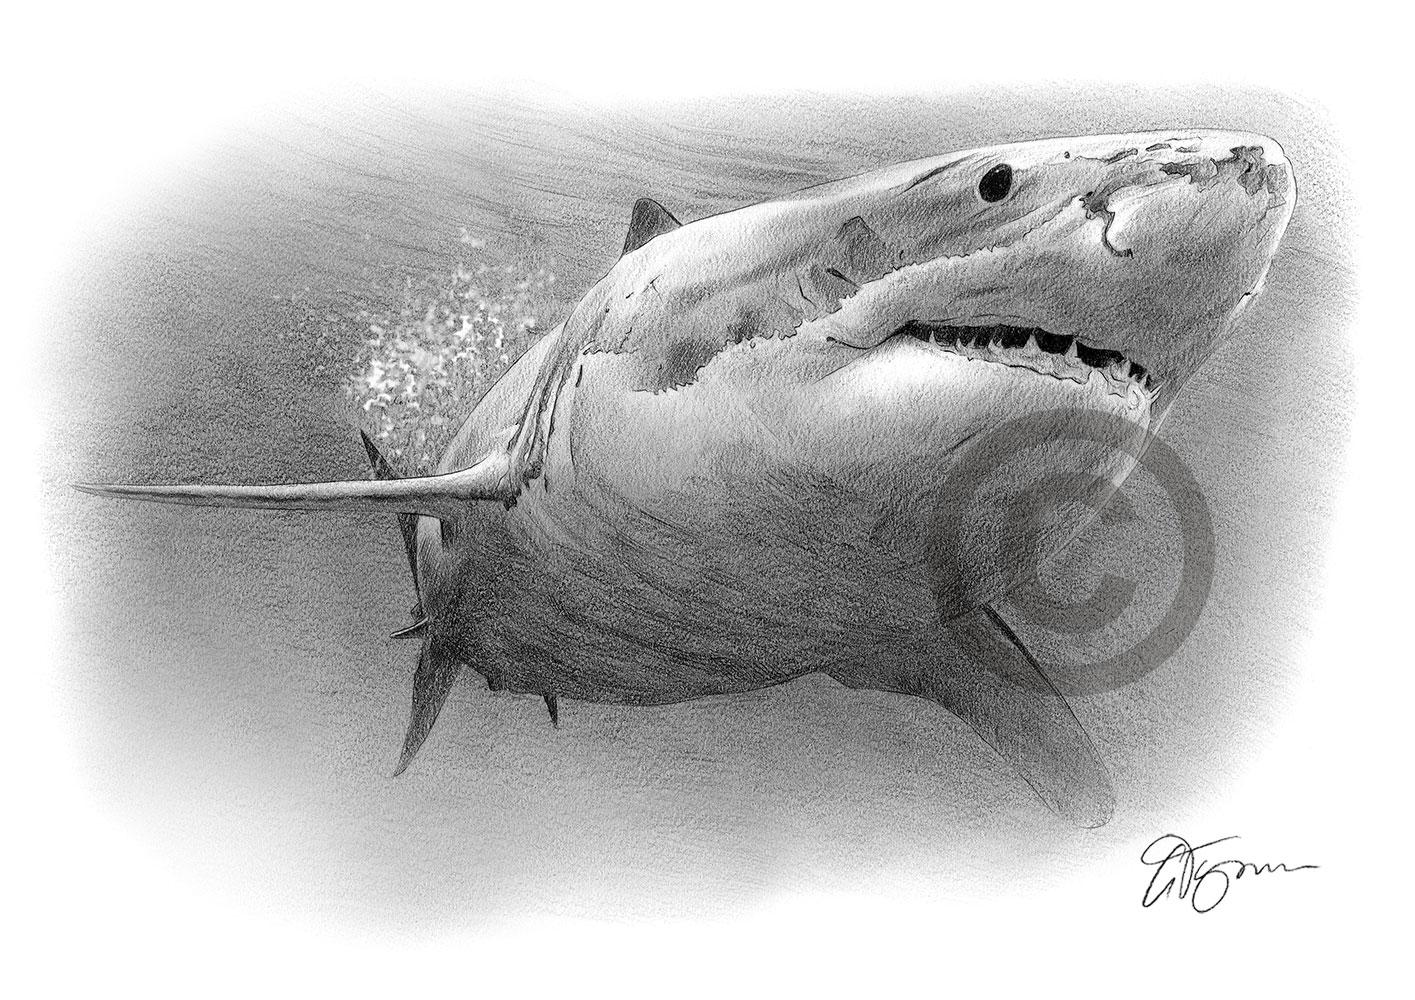 Grande squalo bianco disegno a matita art print a4 a3 for Disegno squalo